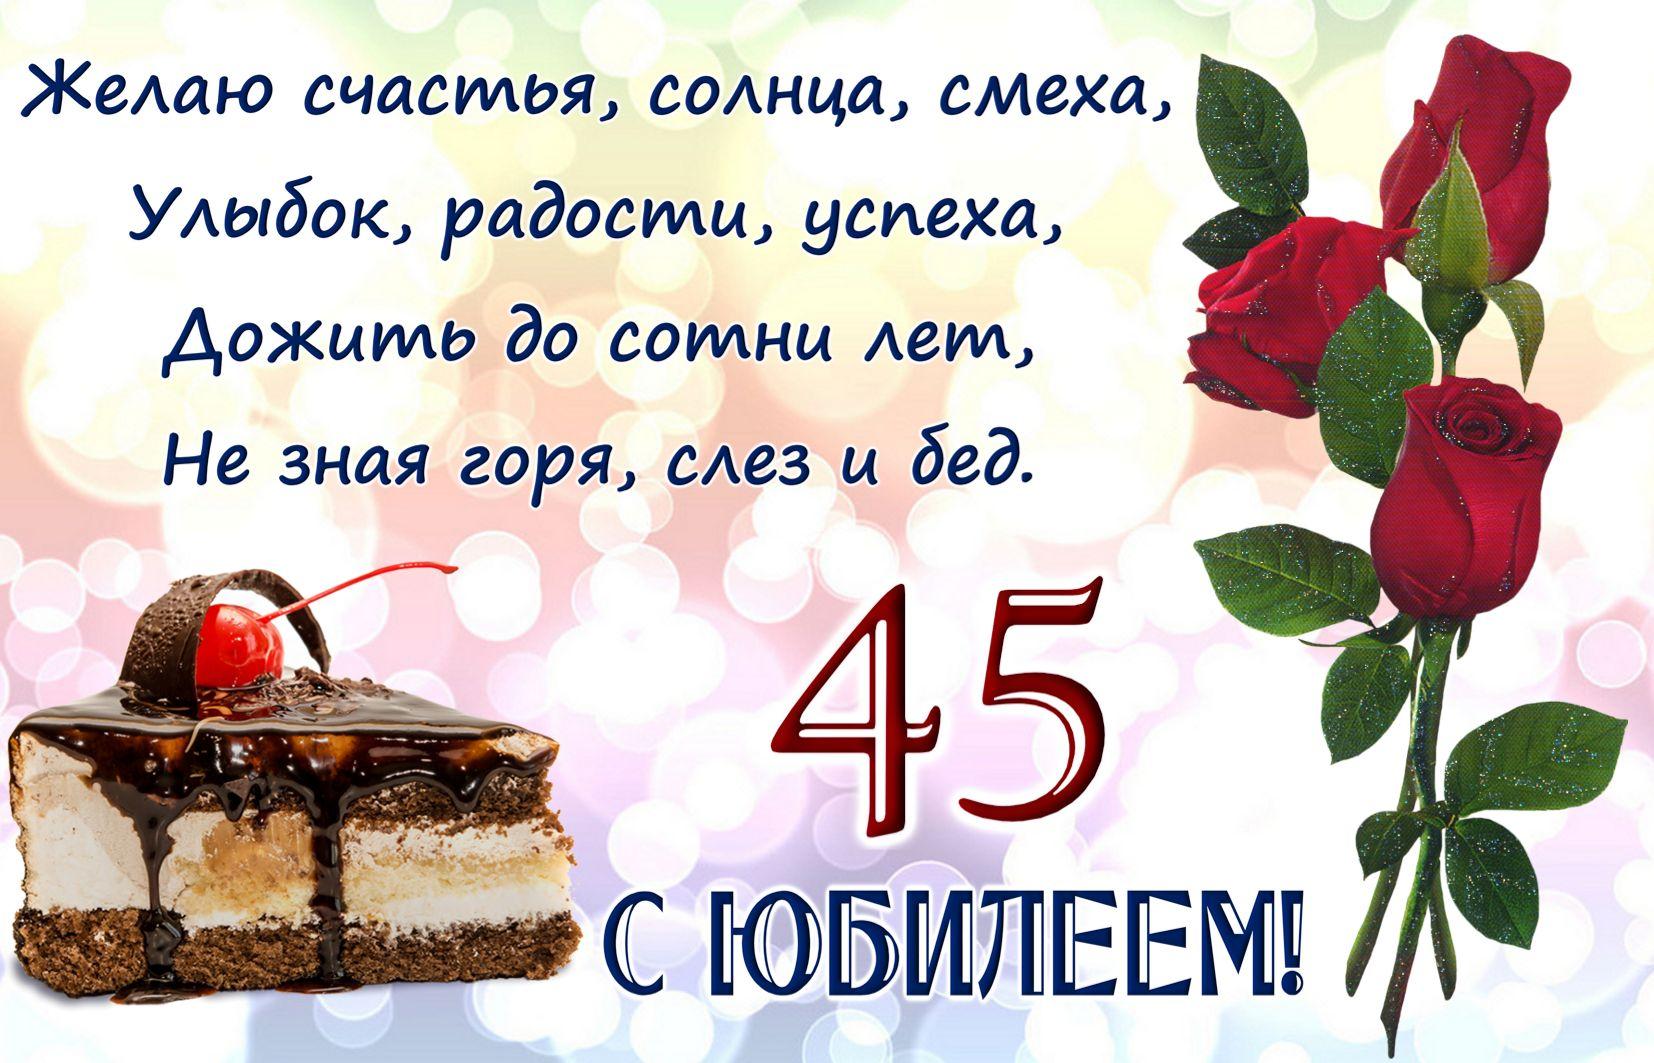 Открытка на юбилей 45 лет - пожелание с розой и кусочком торта